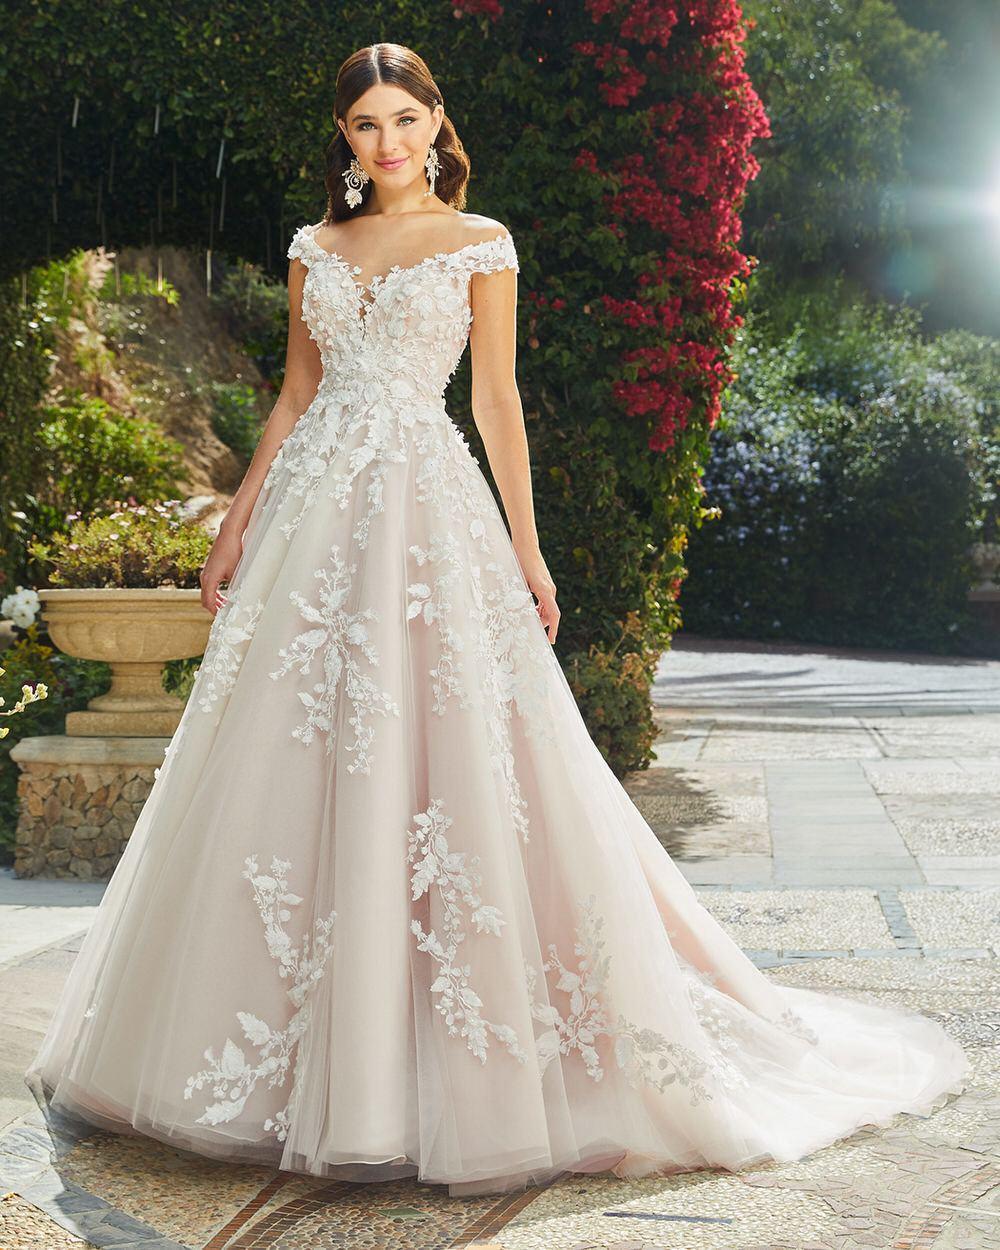 Casablanca 2020 Wedding Gowns Fresh For Spring Ruffled